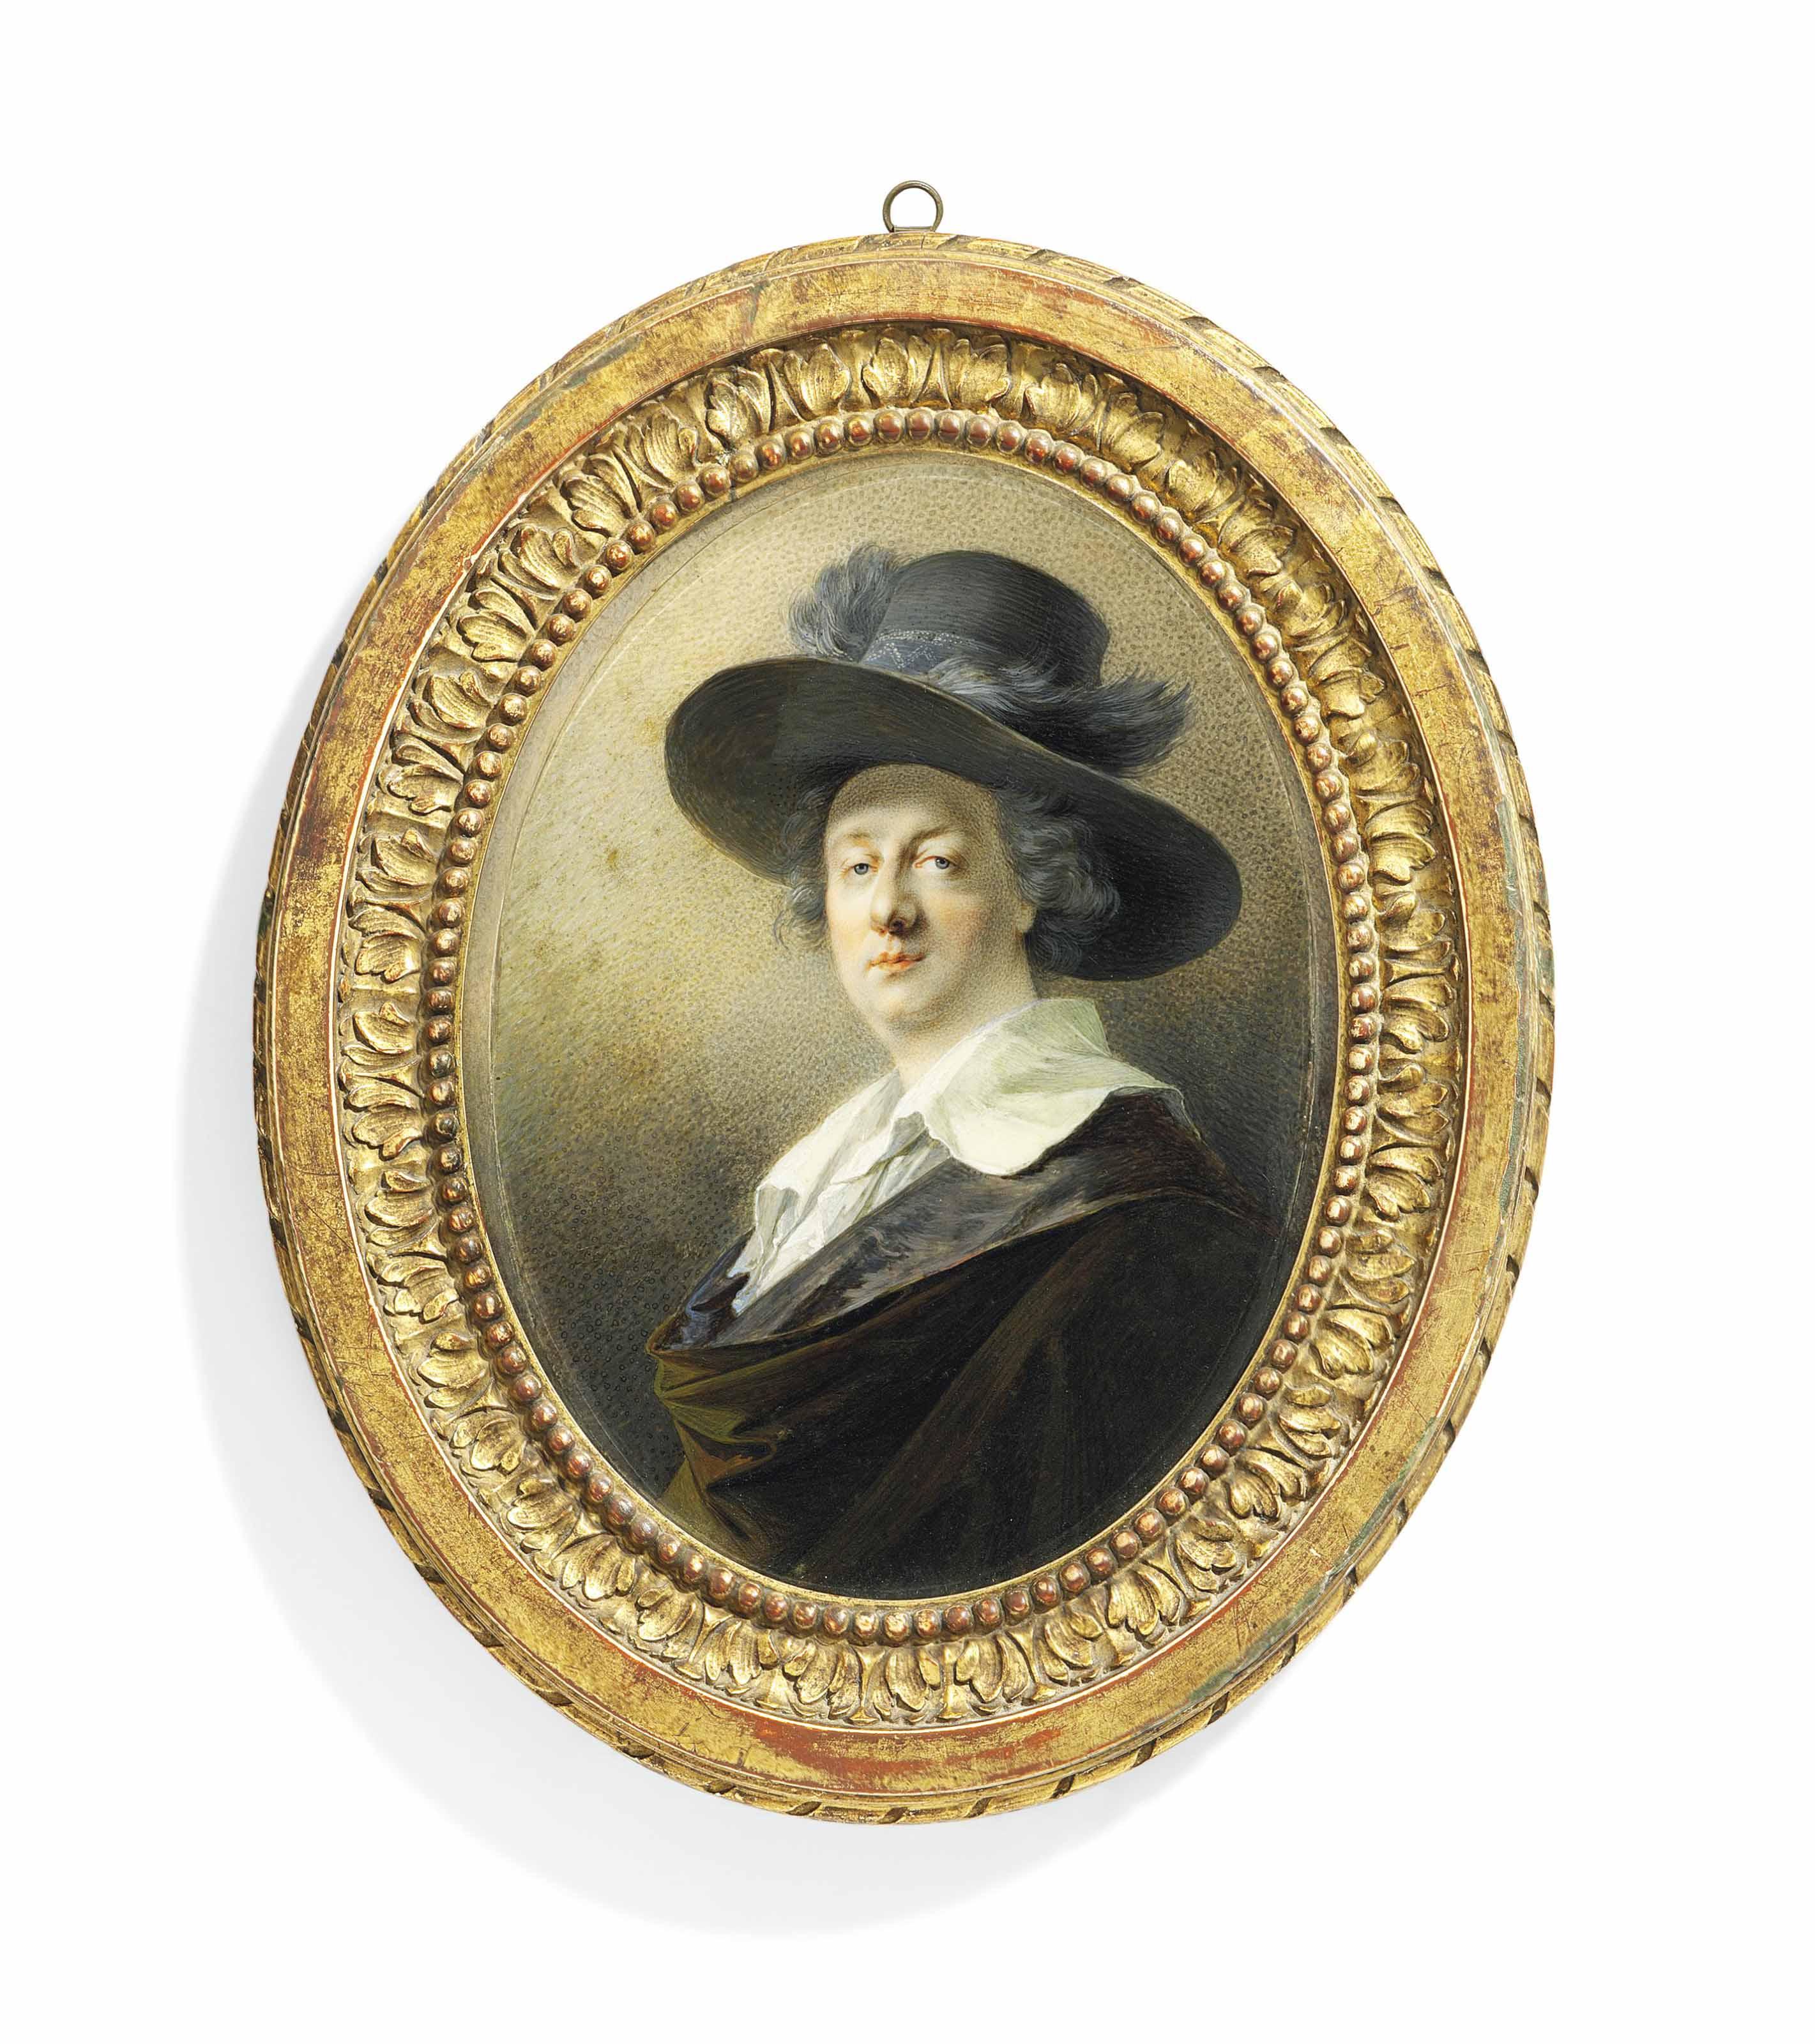 HEINRICH FRIEDRICH FÜGER (AUSTRIAN, 1751-1818)